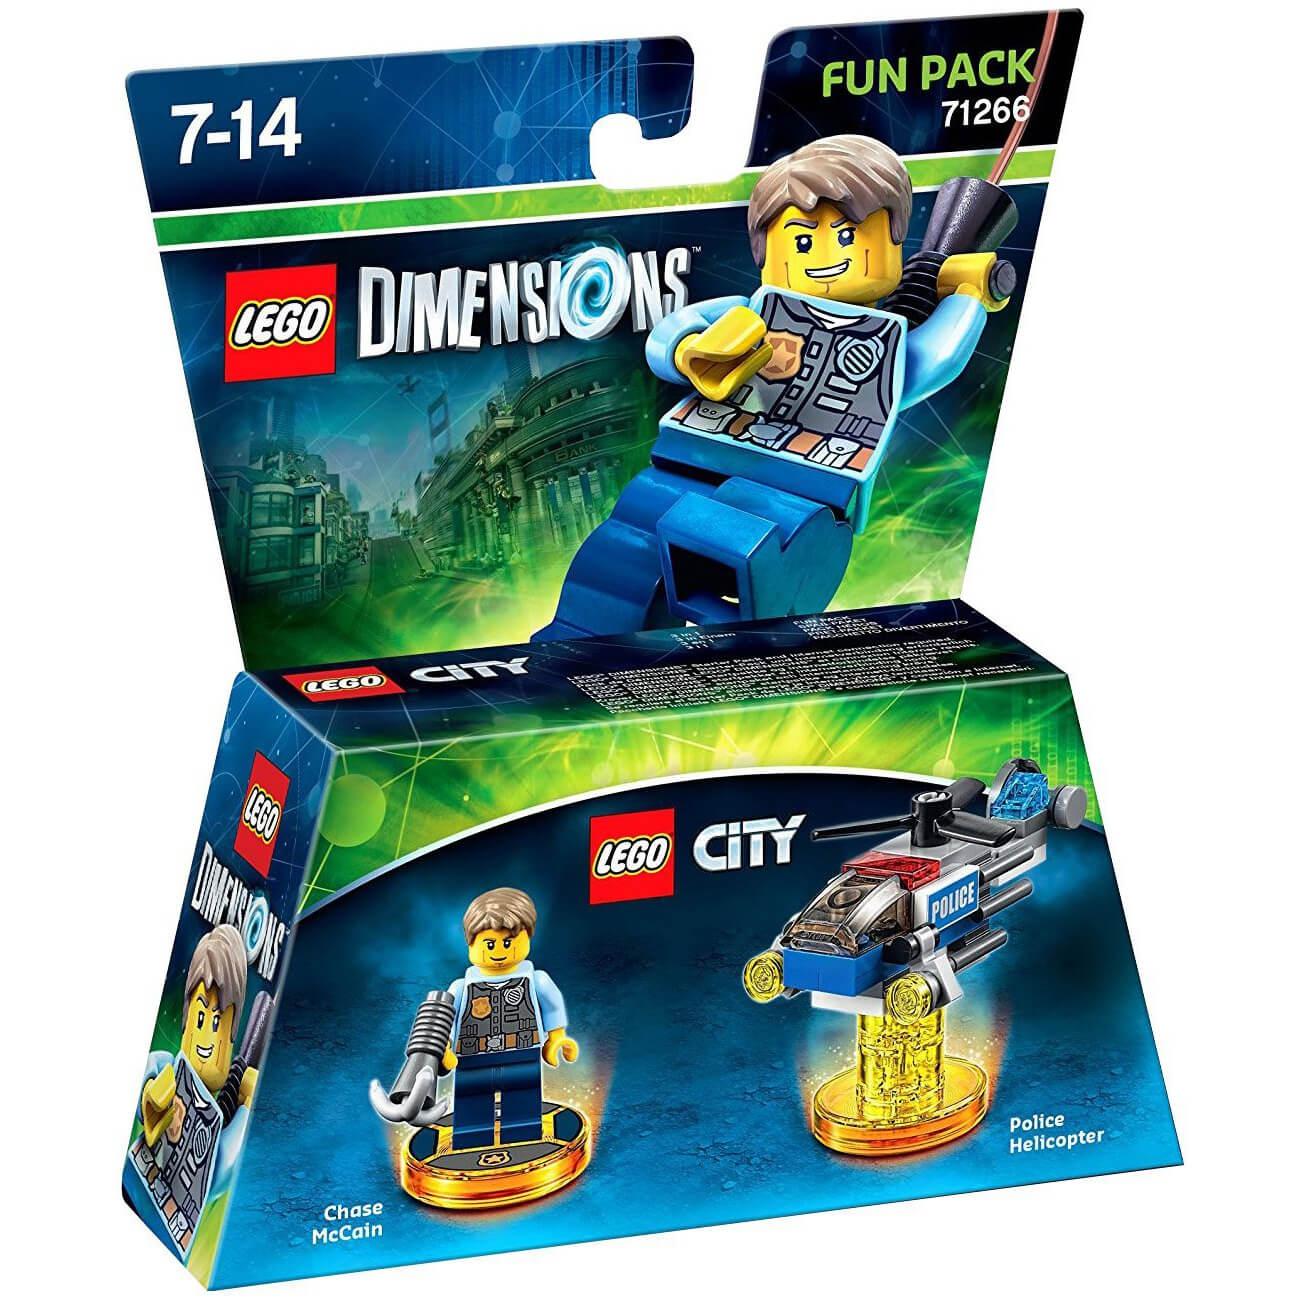 Warner Bros Lego Dimensions Lego City Fun Pack